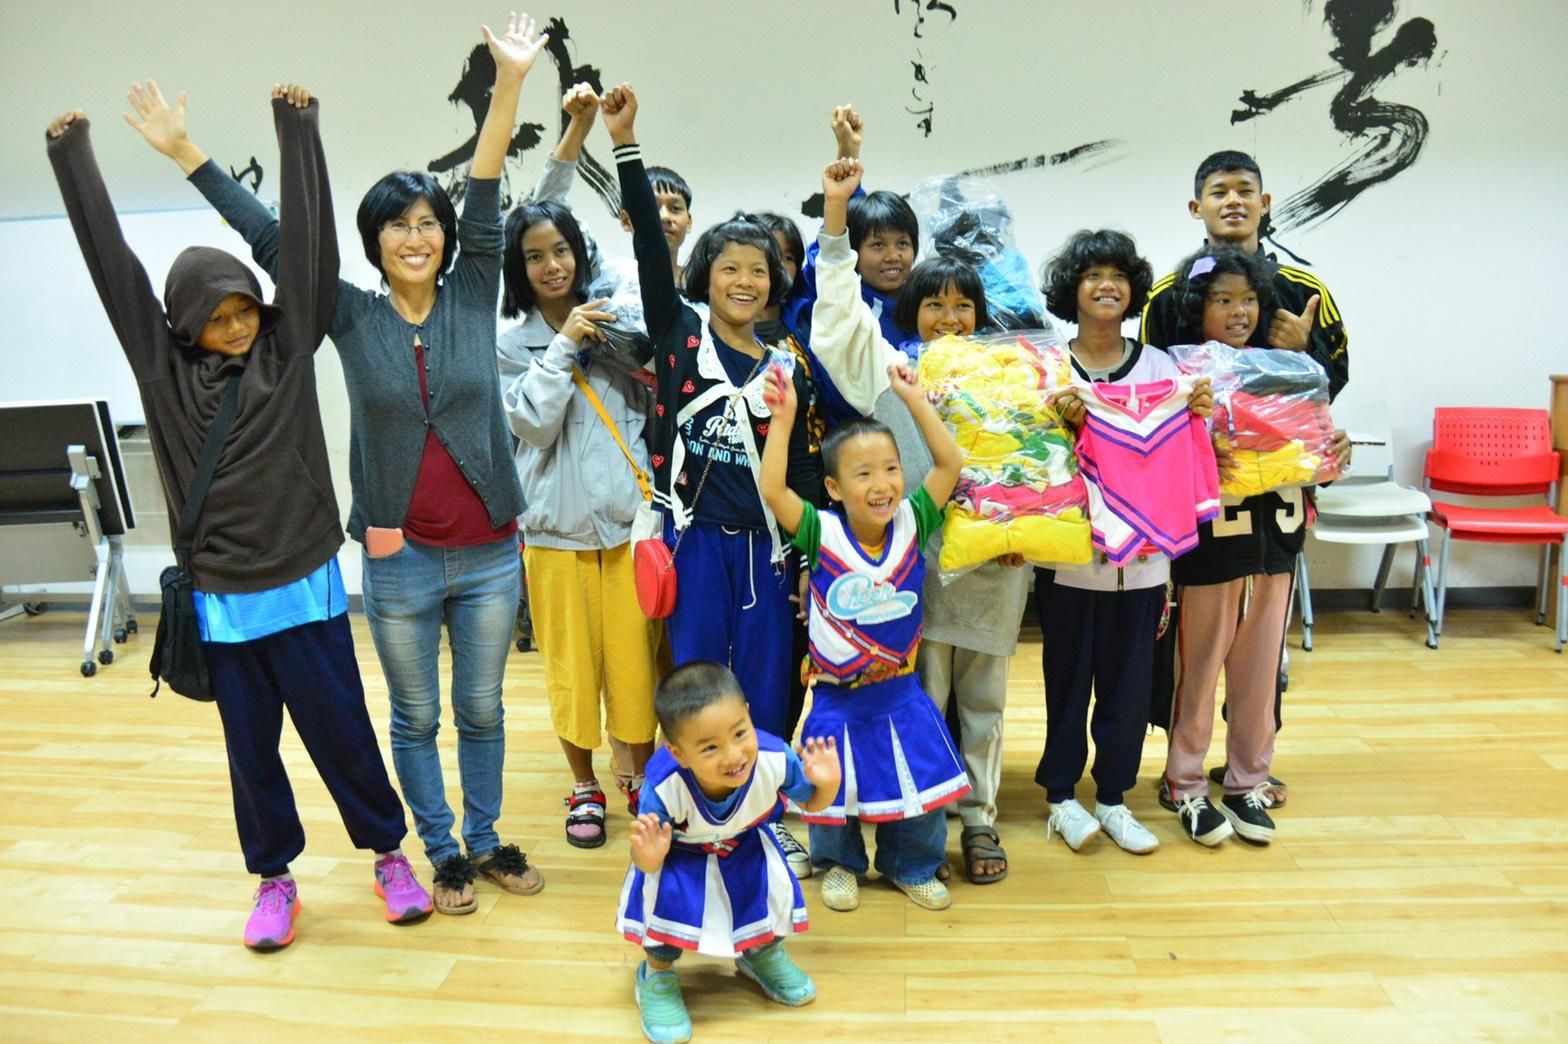 【月刊 SAWAN】『虹の学校バンコク遠征第二弾!』